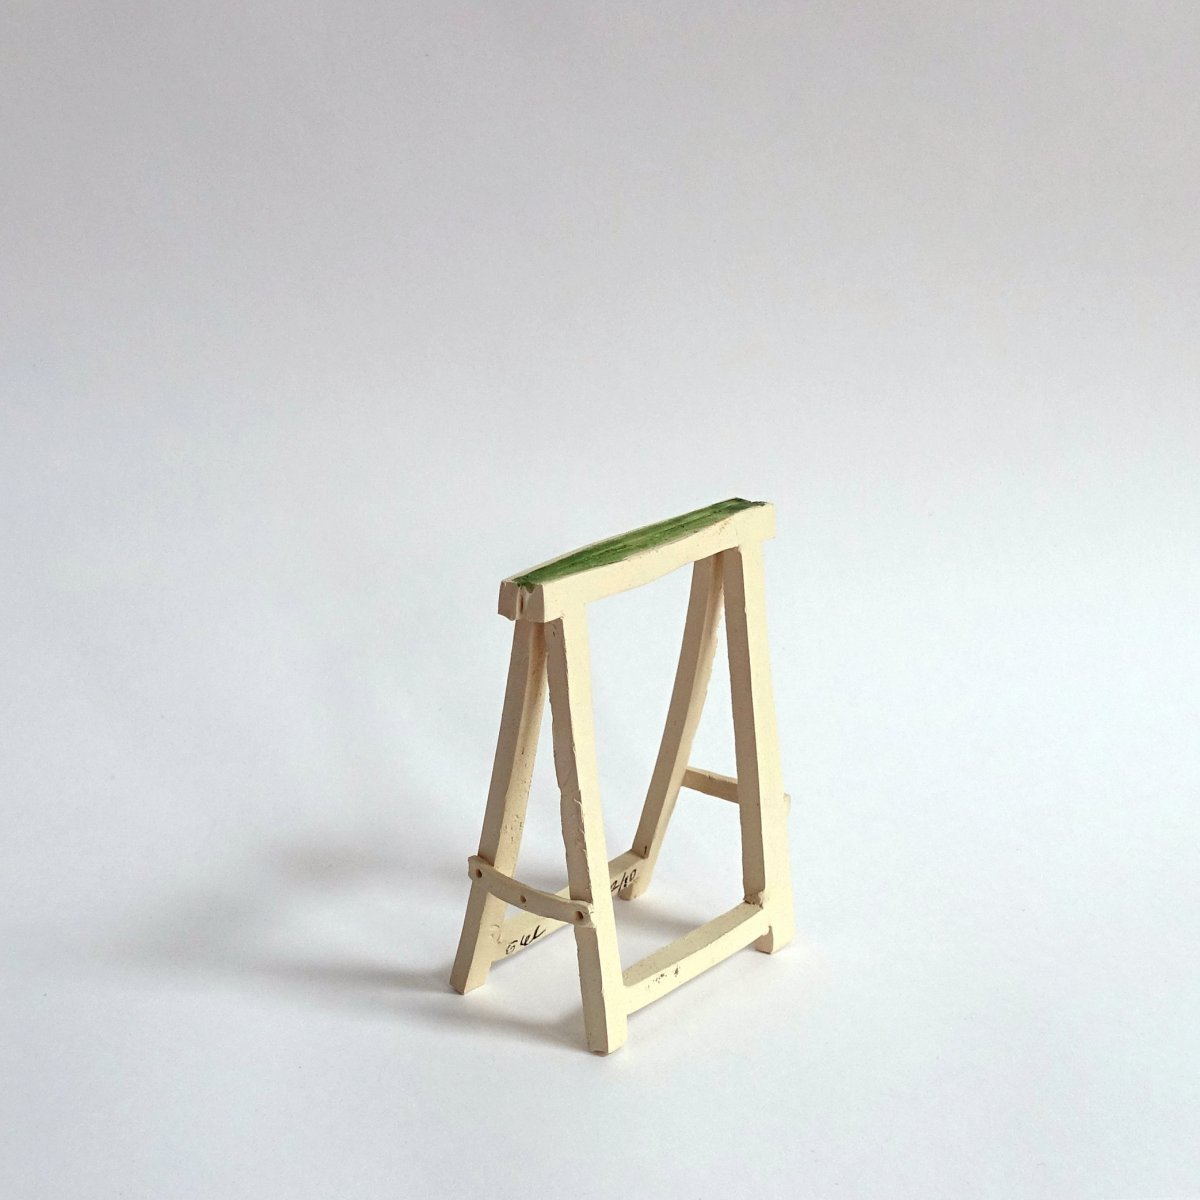 #44 Giel Louws, Drager, aardewerk en acryl in doosje, 10x7x5 cm, multiple oplage 10